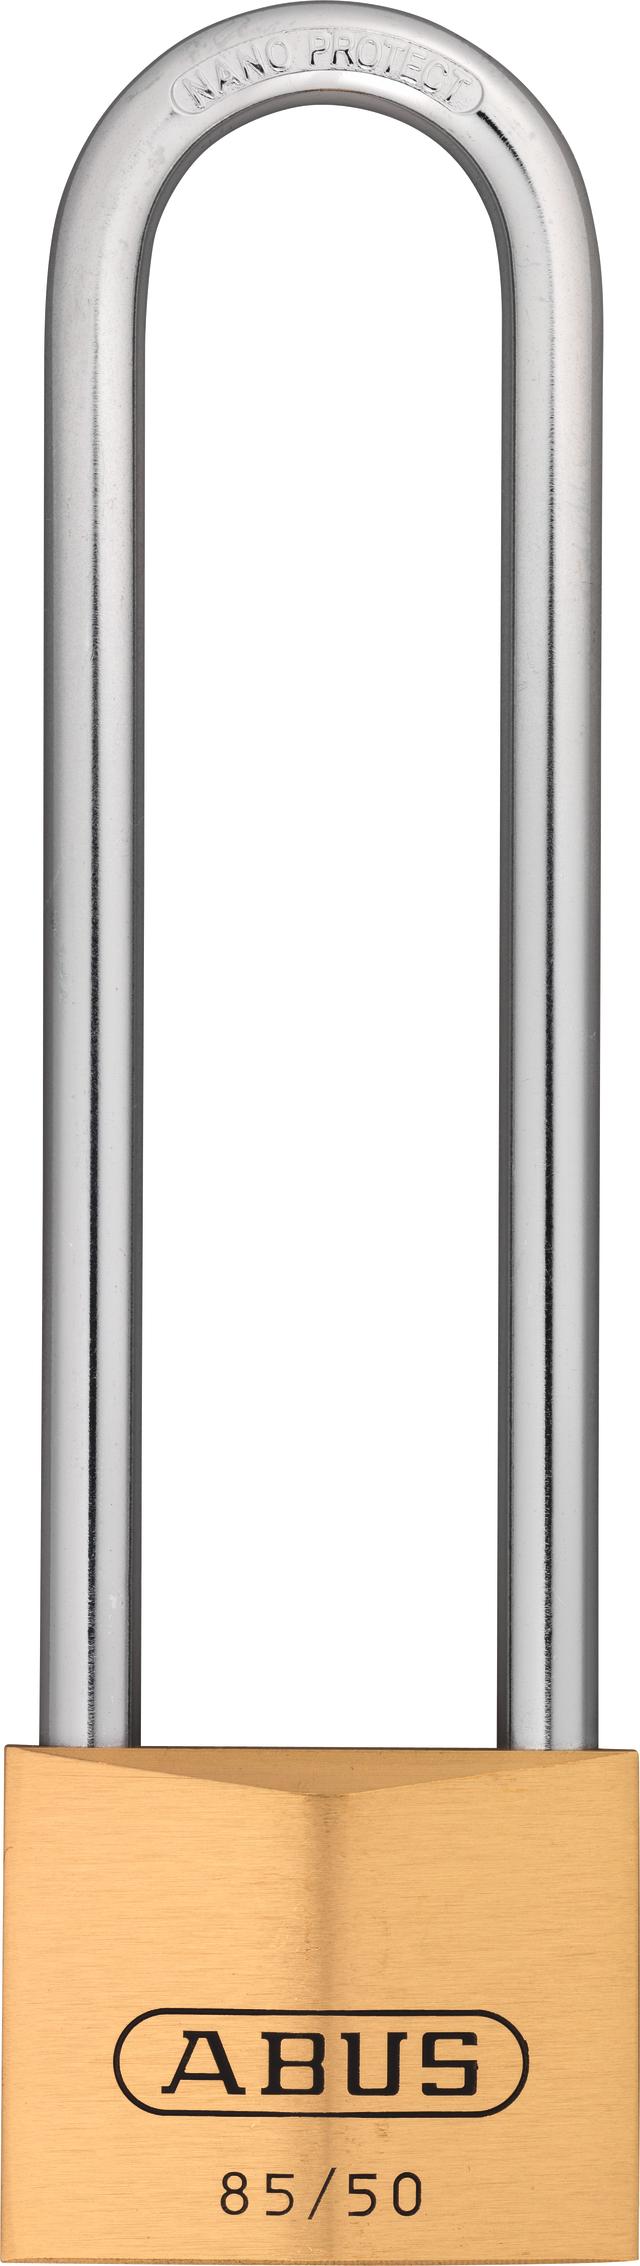 Vorhangschloss Messing 85/50HB127 gl. lt. Muster/Code